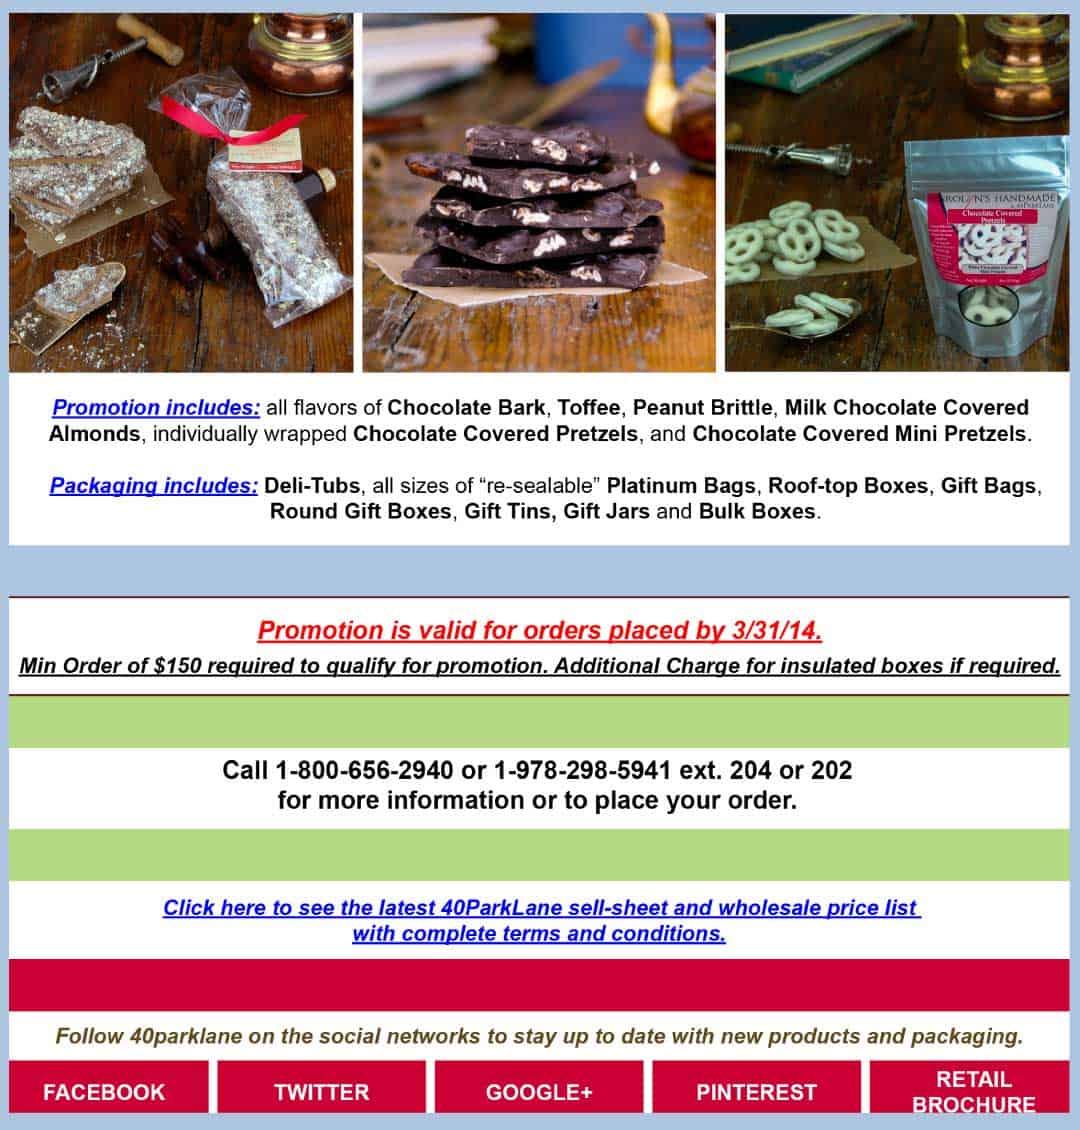 40ParkLane.com E-Mail Marketing Campaign